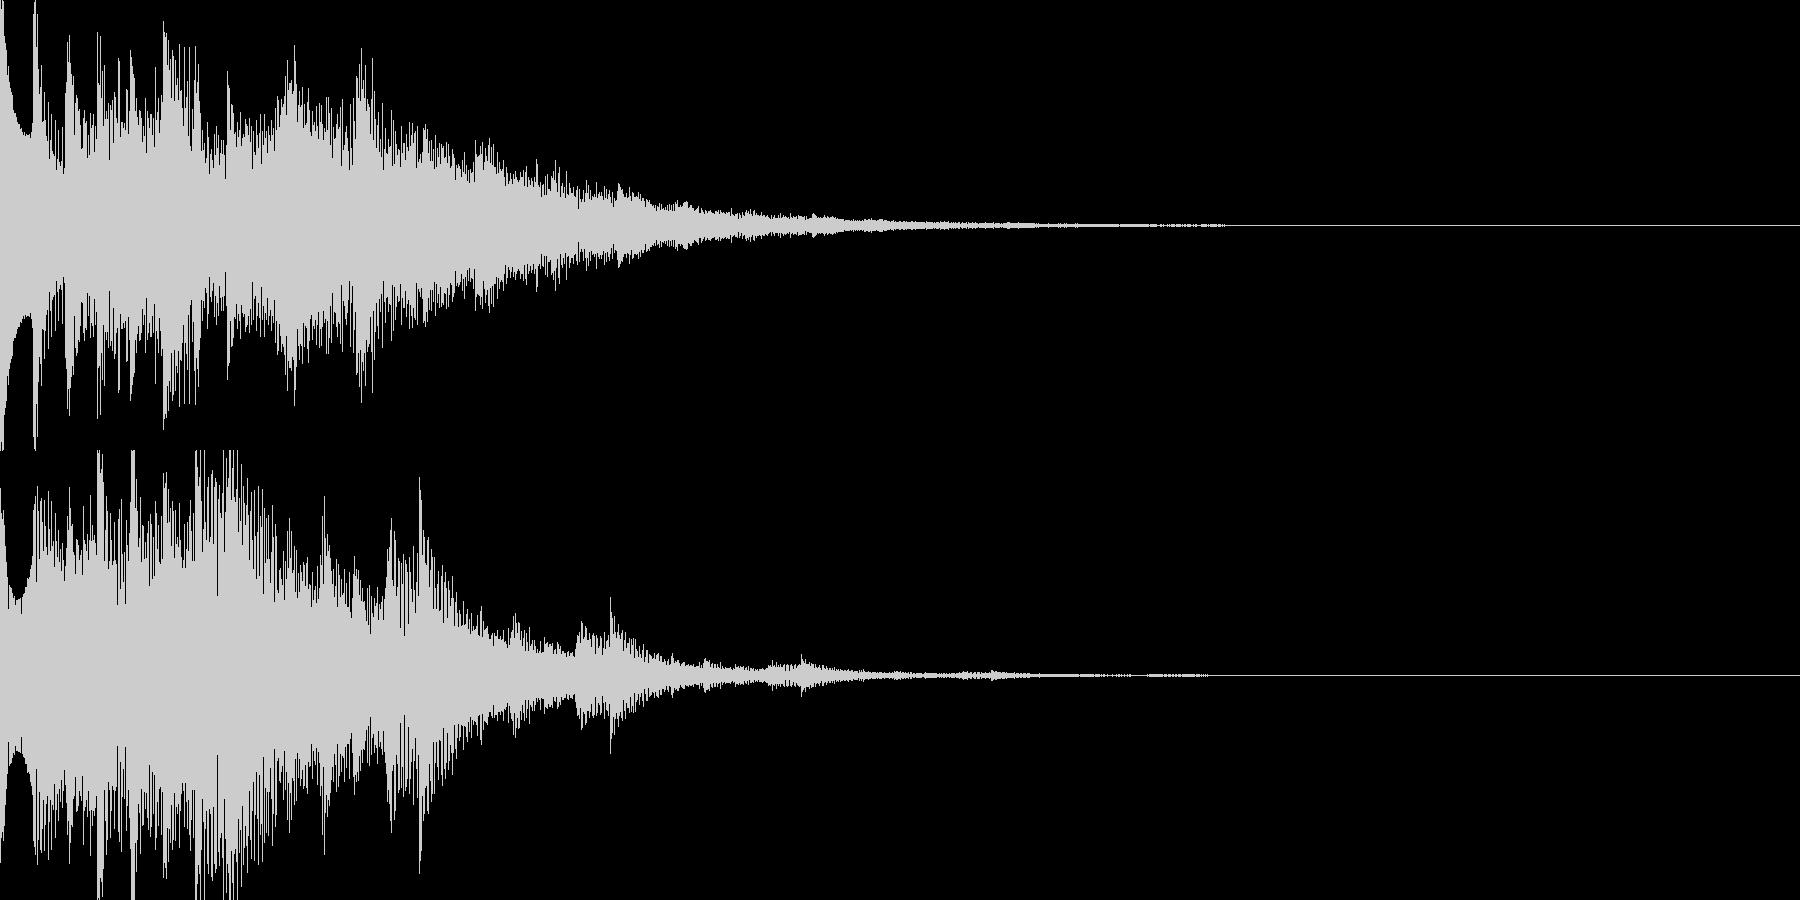 スタート音07の未再生の波形